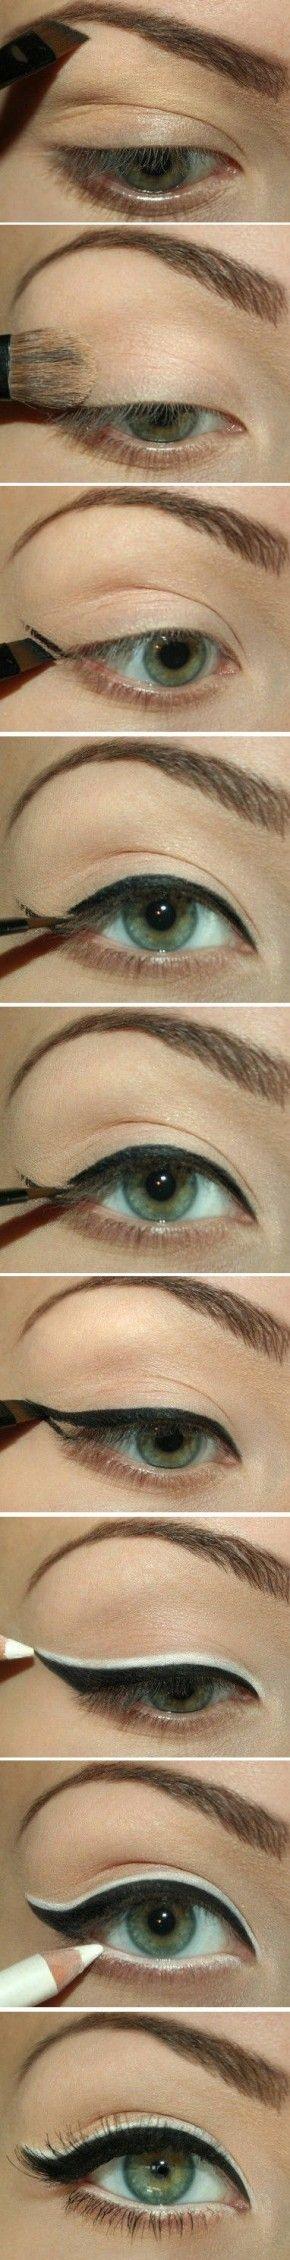 Typische 60 jaren make-up